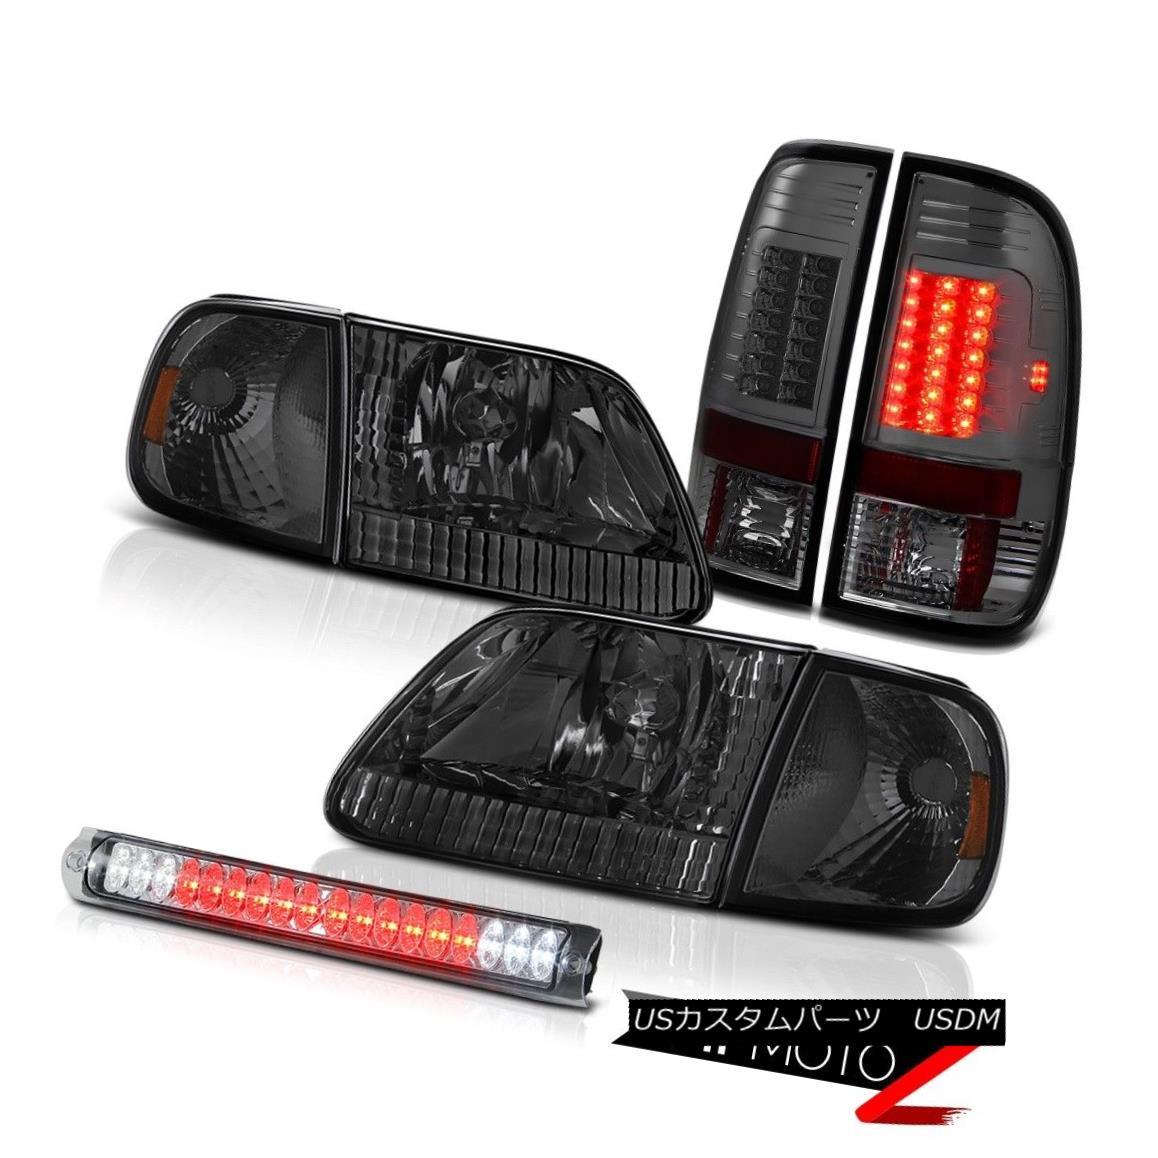 テールライト 1997-2003 F150 XLT Smoke Corner Headlamps Parking Tail Lights Euro 3rd Brake LED 1997-2003 F150 XLTスモークコーナーヘッドランプパーキングテールライトユーロ第3ブレーキLED